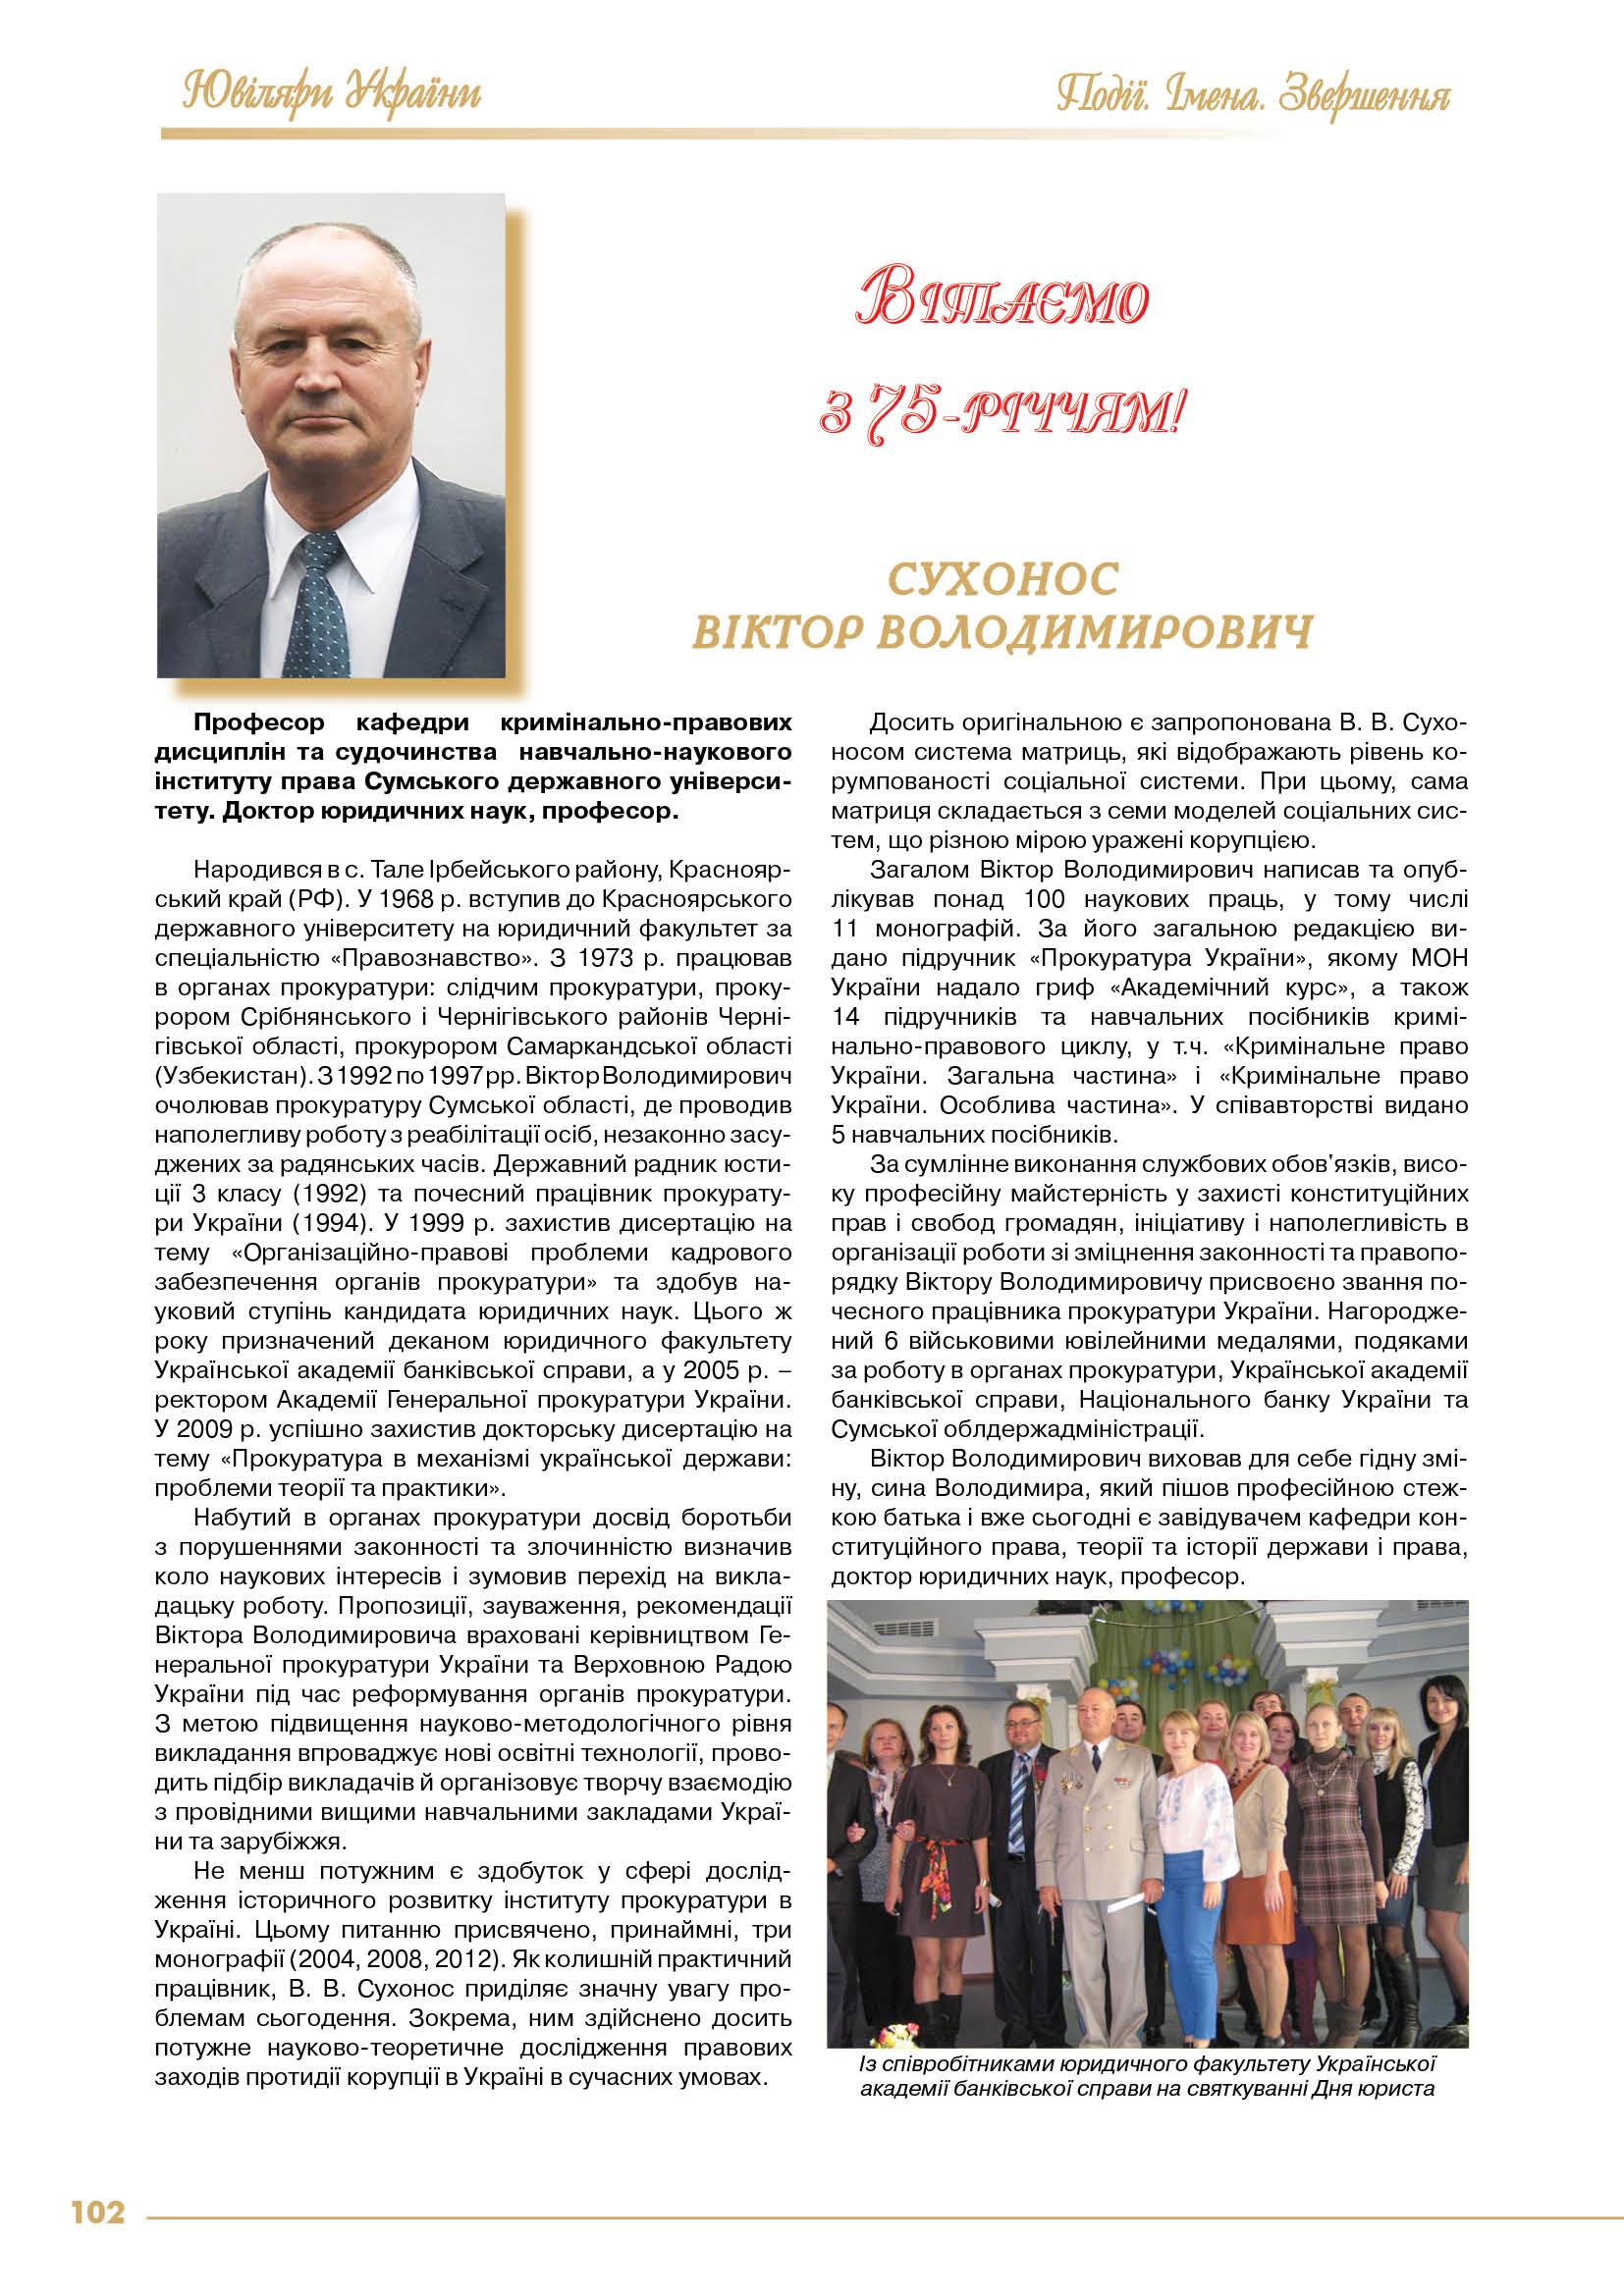 Сухонос Віктор Володимирович